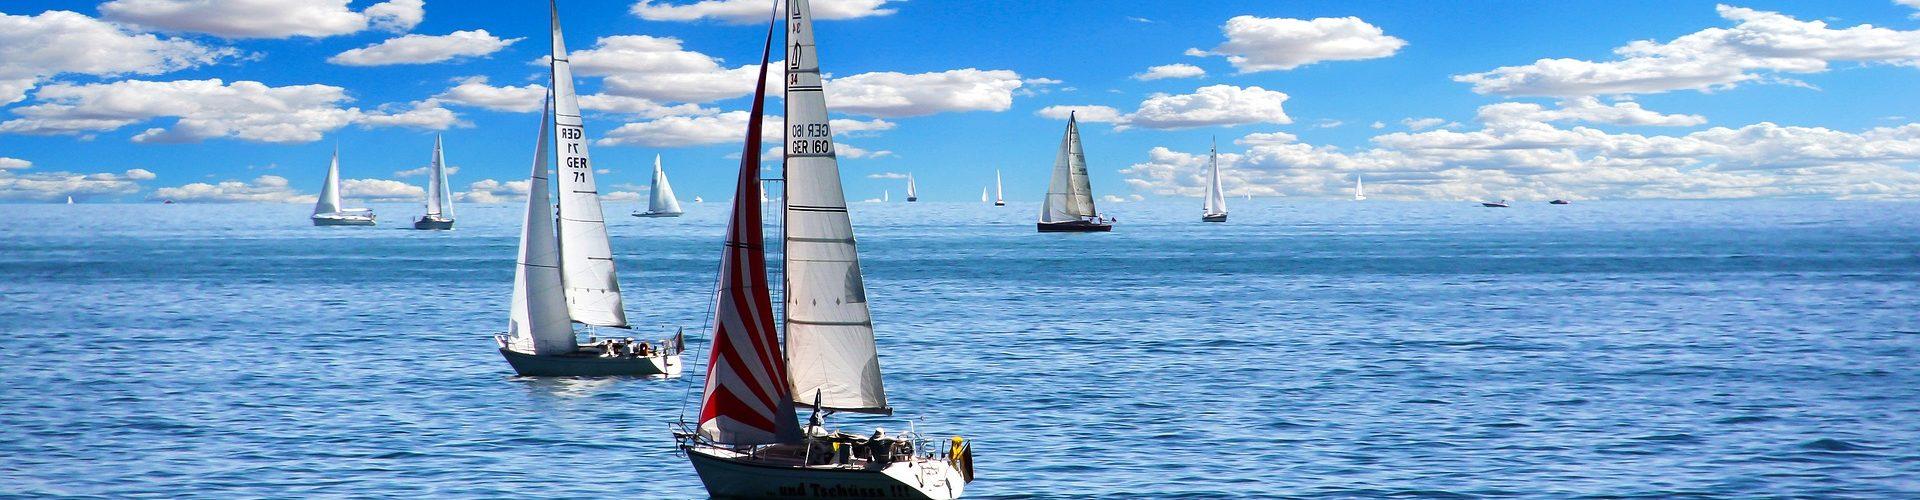 segeln lernen in Leichlingen segelschein machen in Leichlingen 1920x500 - Segeln lernen in Leichlingen